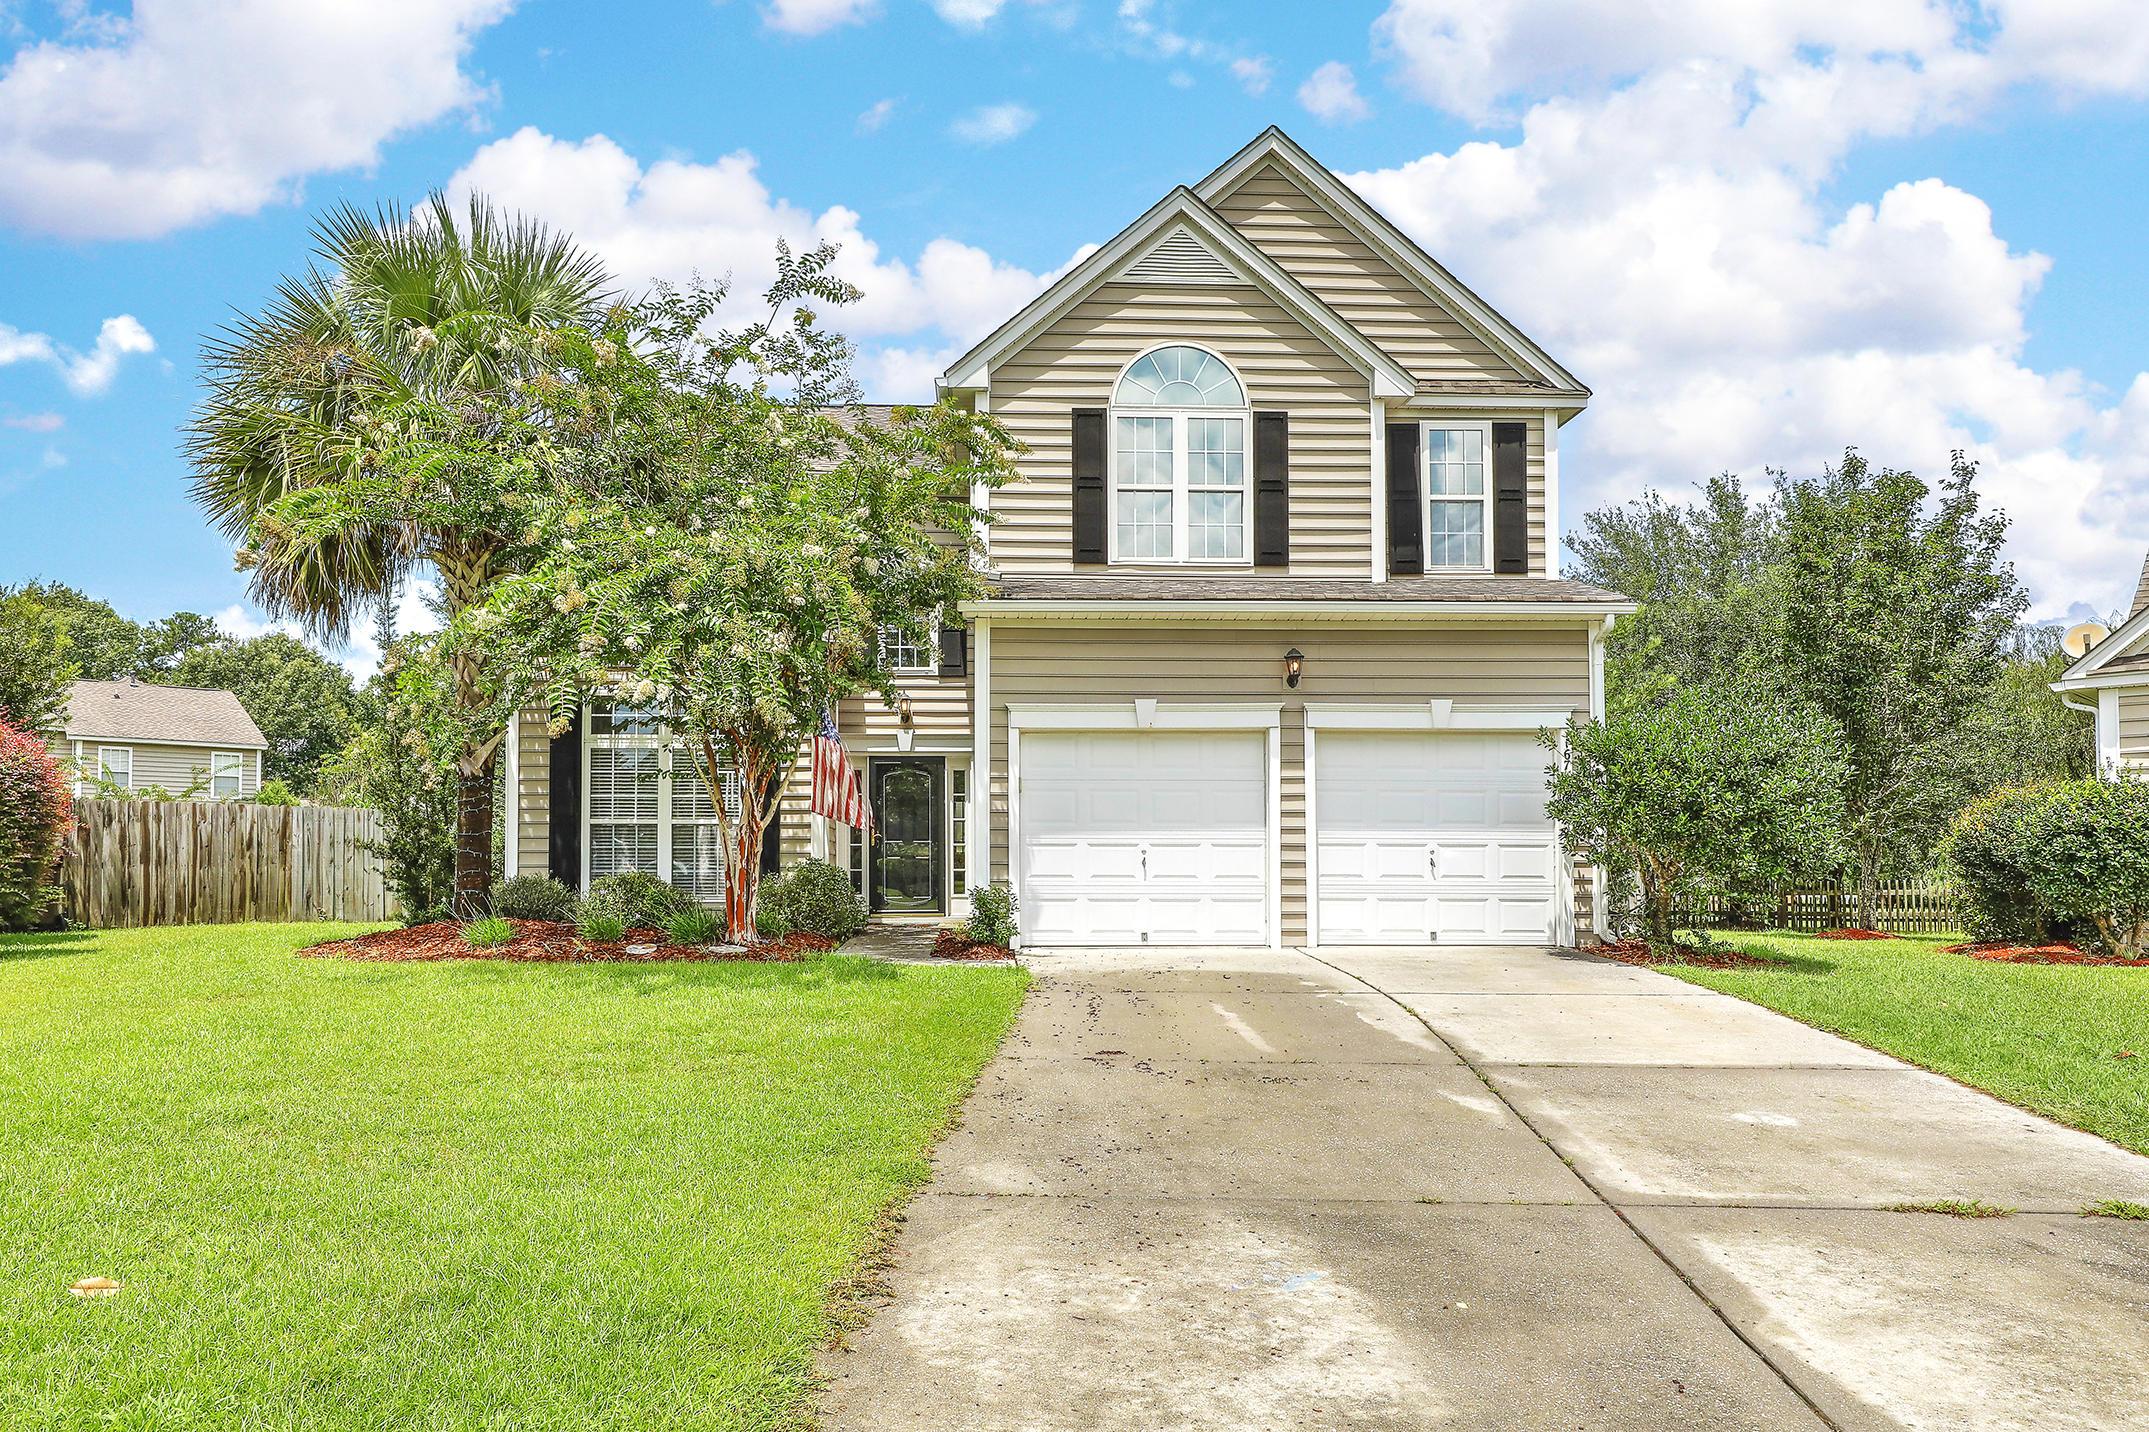 Park West Homes For Sale - 1676 Jorrington, Mount Pleasant, SC - 2